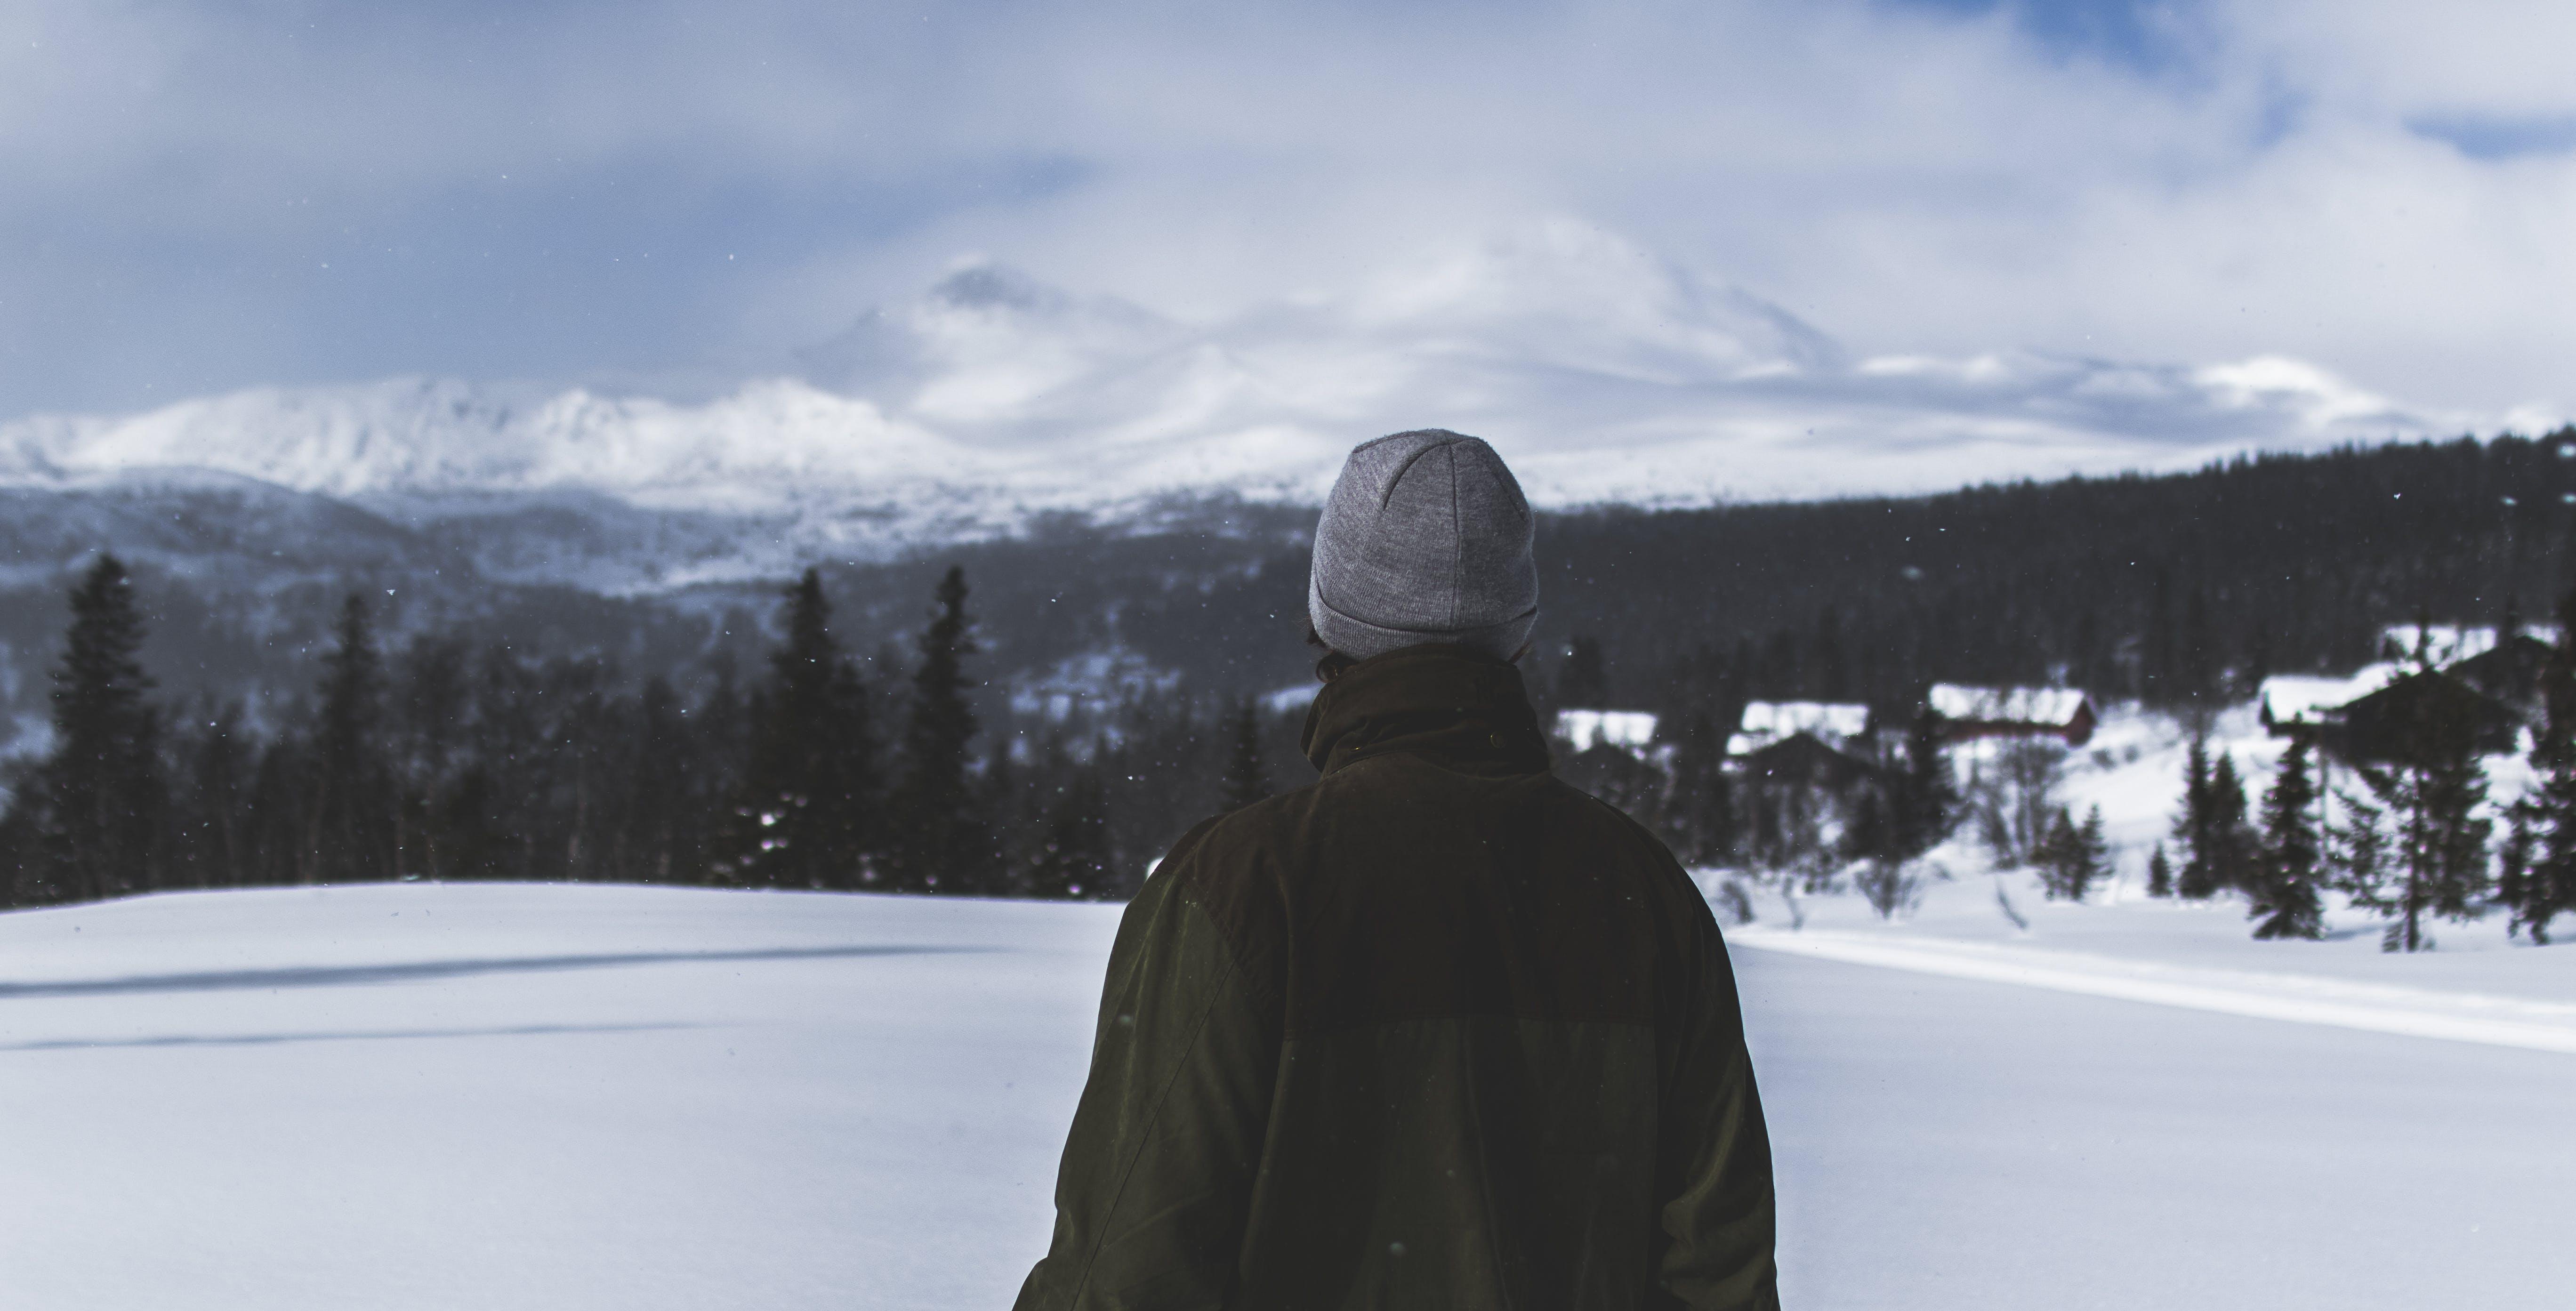 コールド, 人, 冬, 冬の風景の無料の写真素材